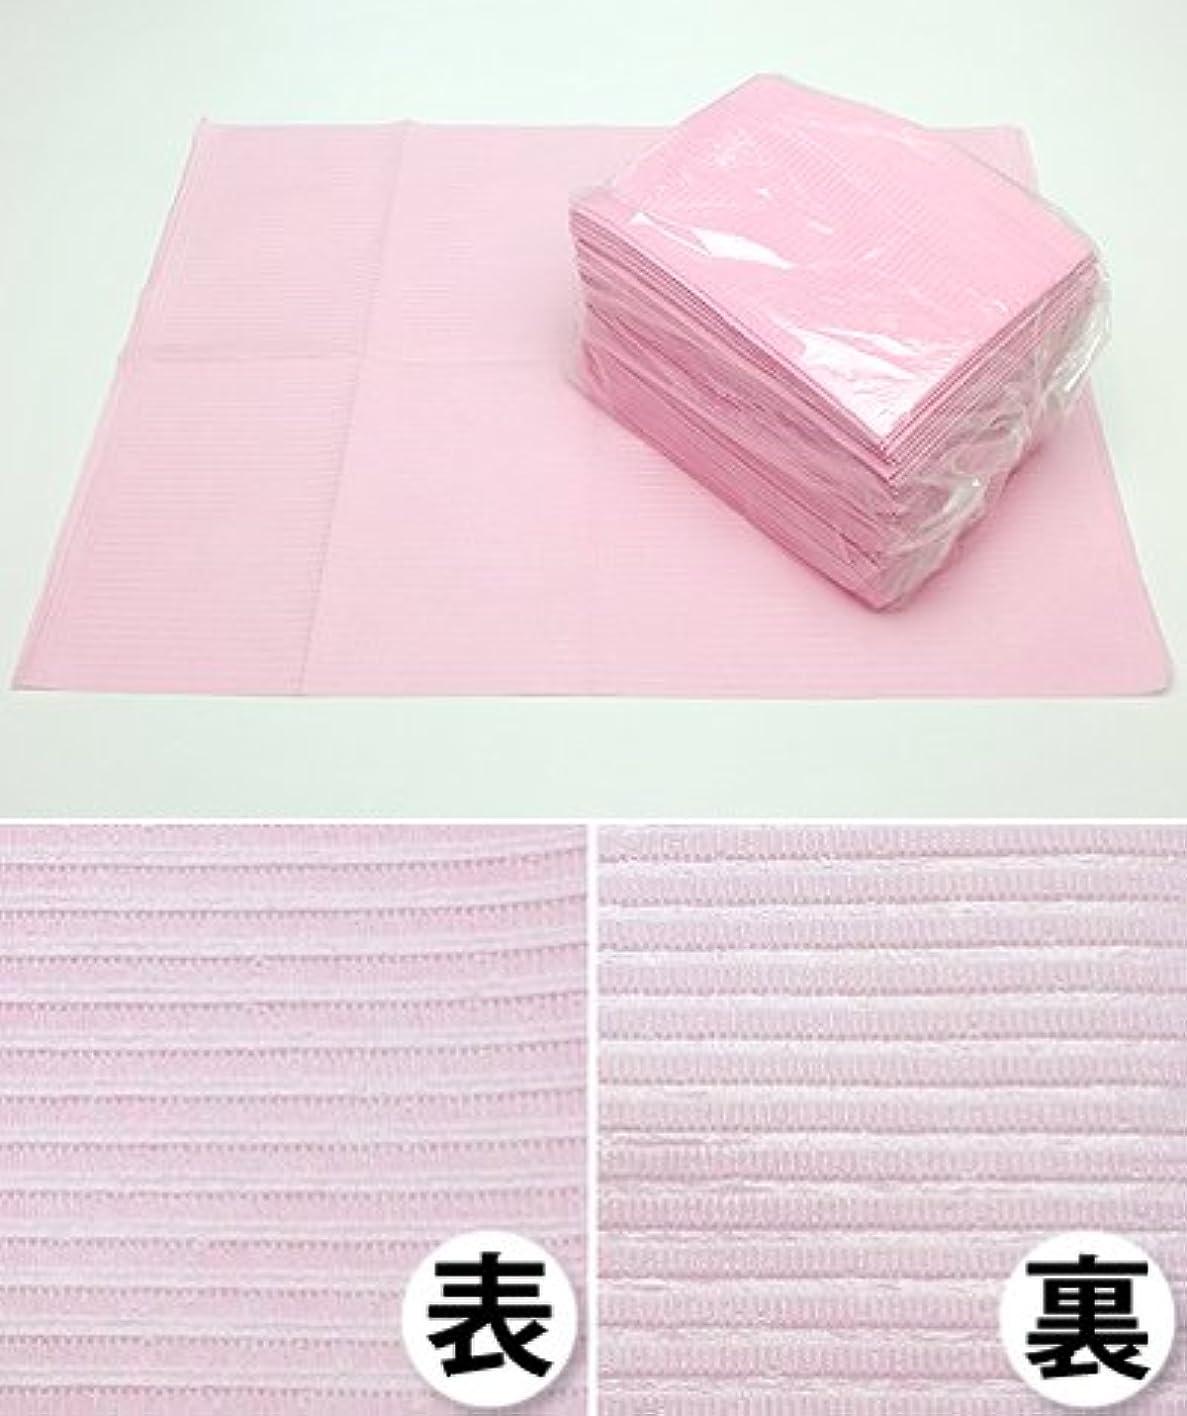 防水ペーパークロス ピンク 200枚セット